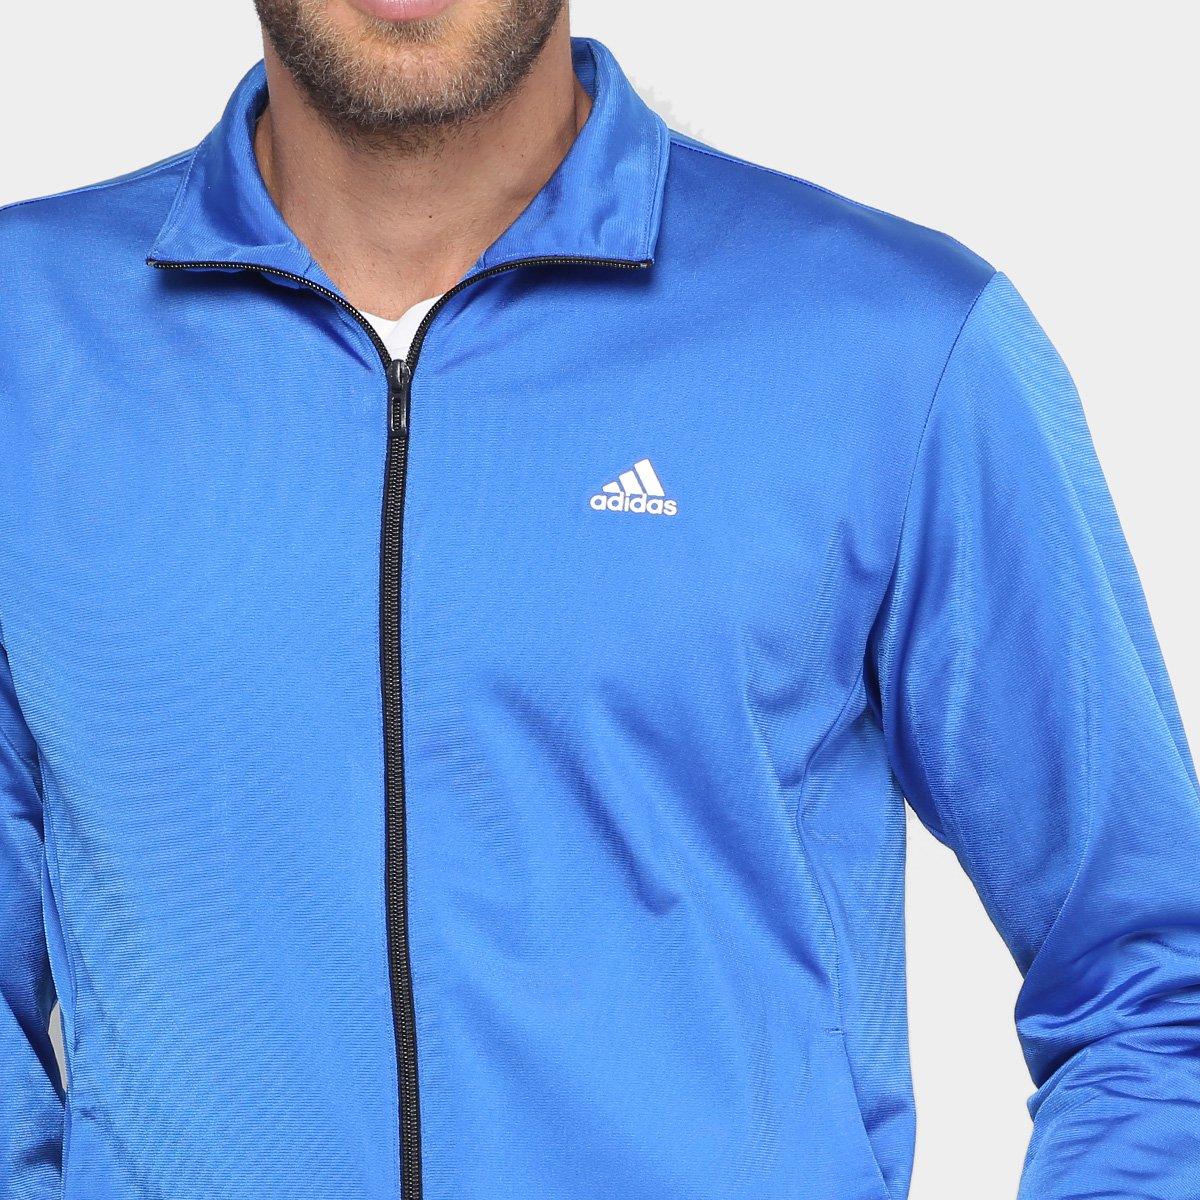 ... Agasalho Adidas Ep Masculino - Azul e Preto - Compre Agora Netshoes  f52991f95918e0 ... ef1d7d0e8e595